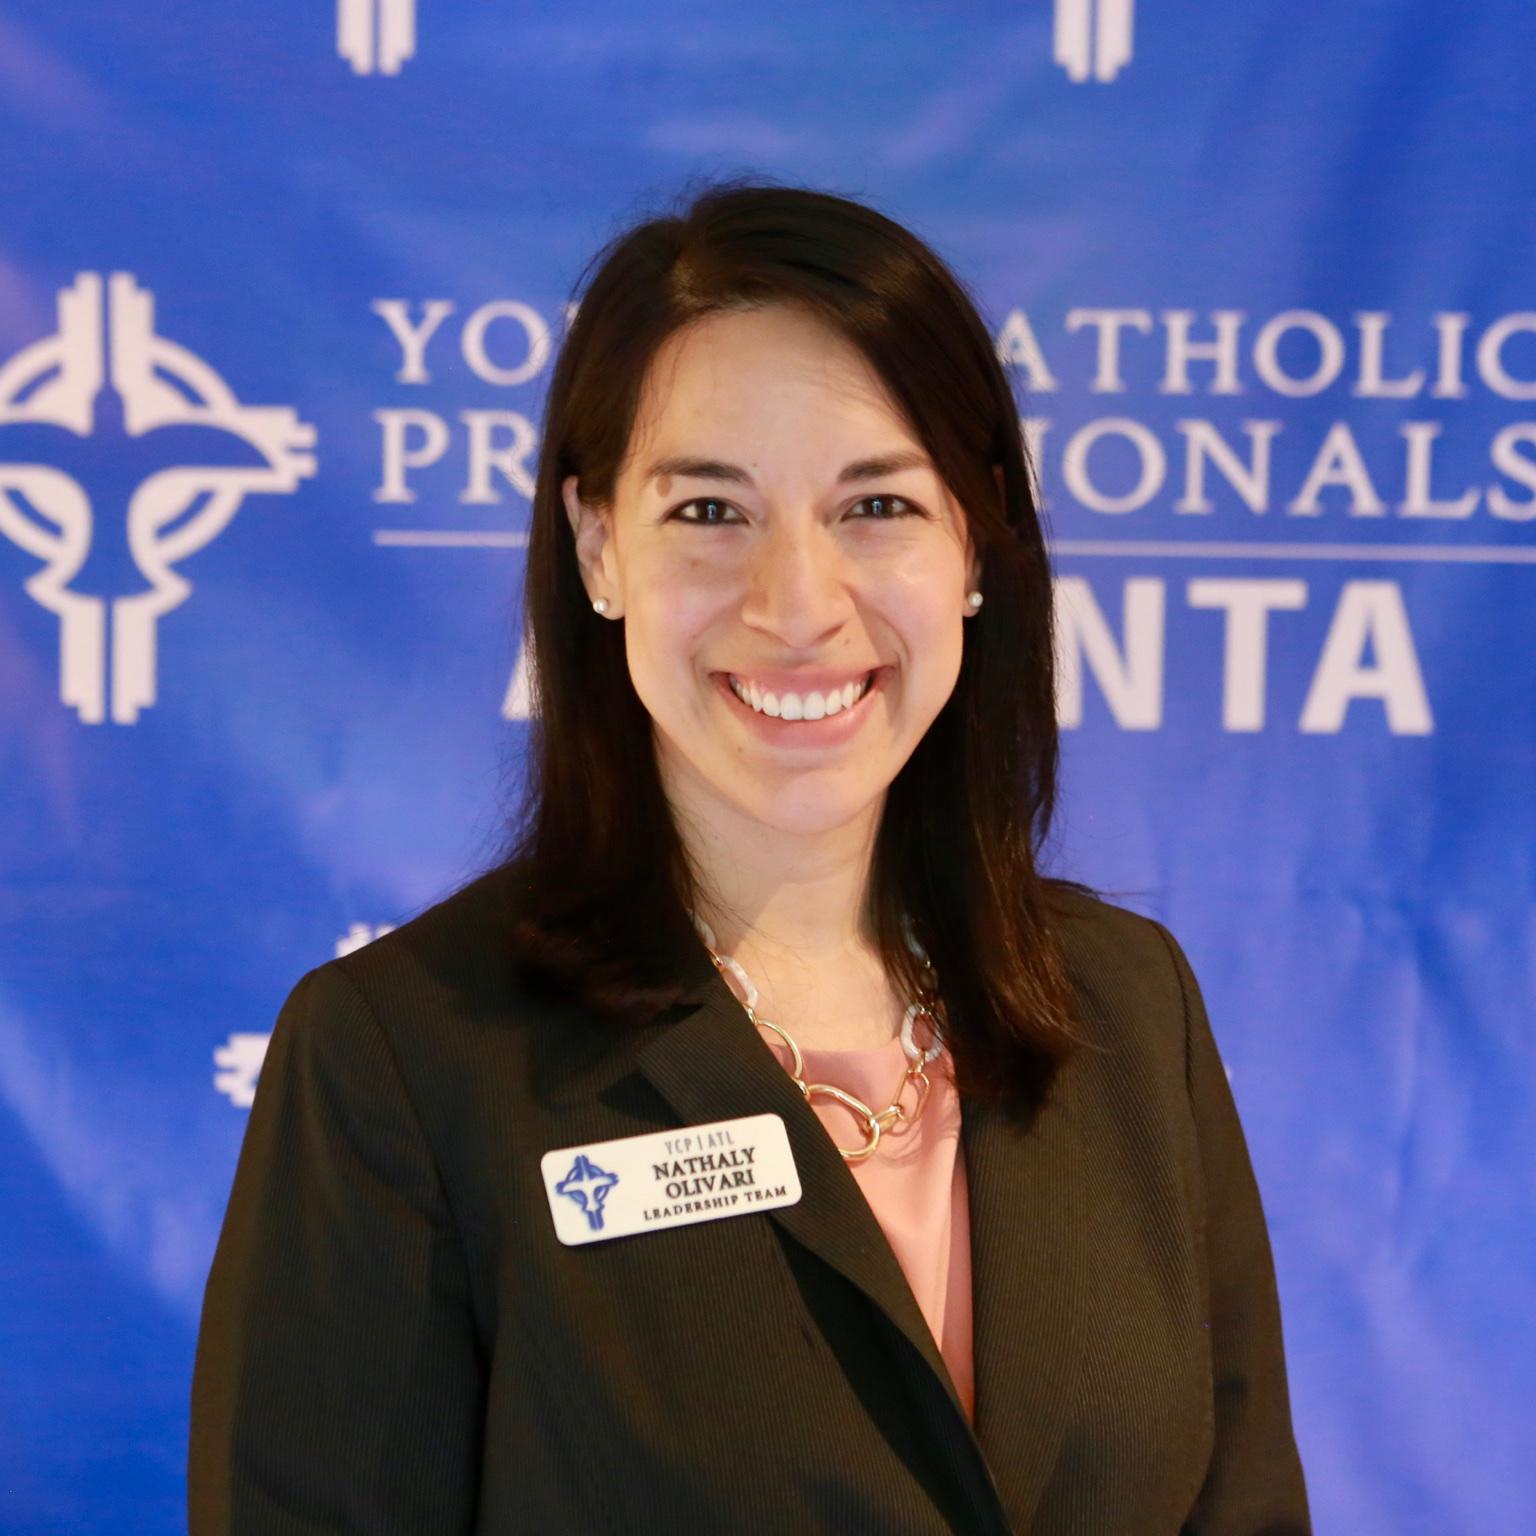 Nathaly Olivari - President